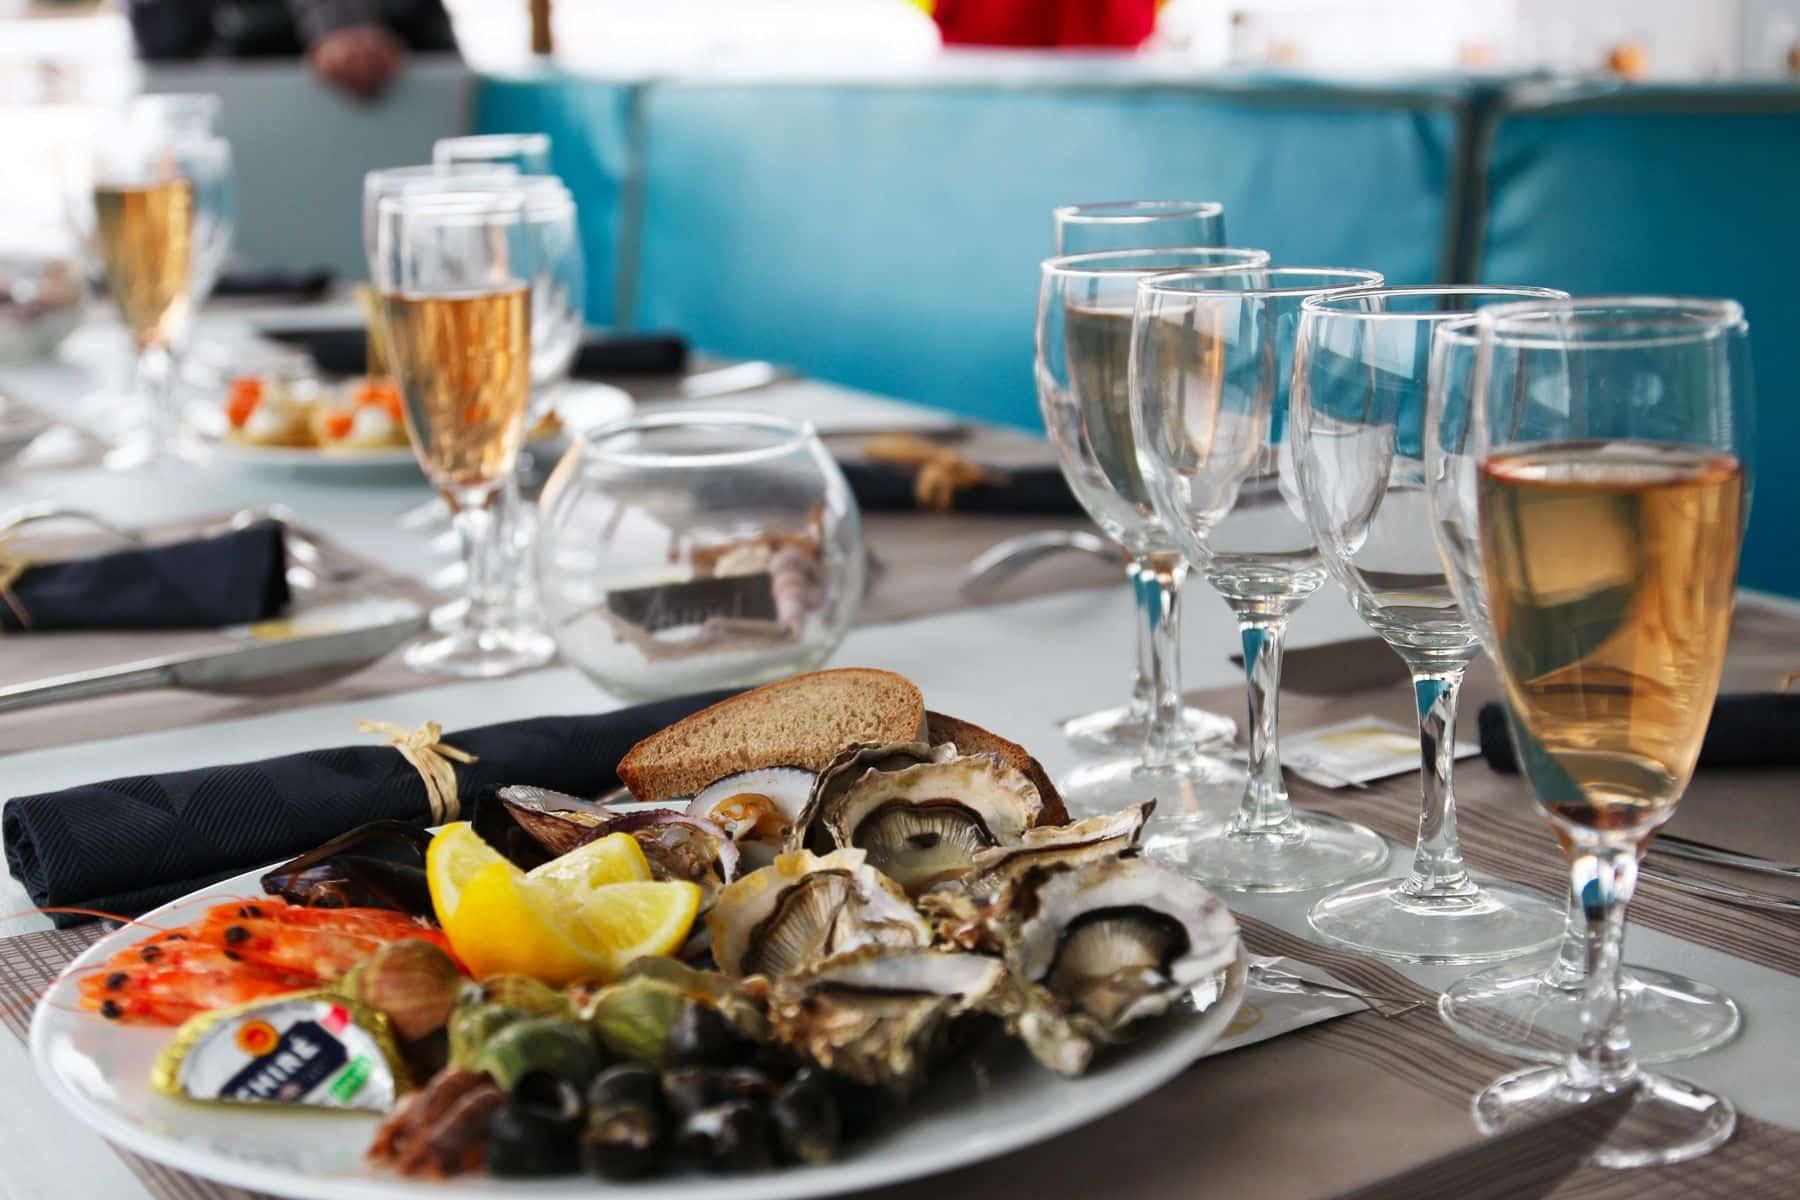 Dîner de croisière : un dîner nécessaire ?